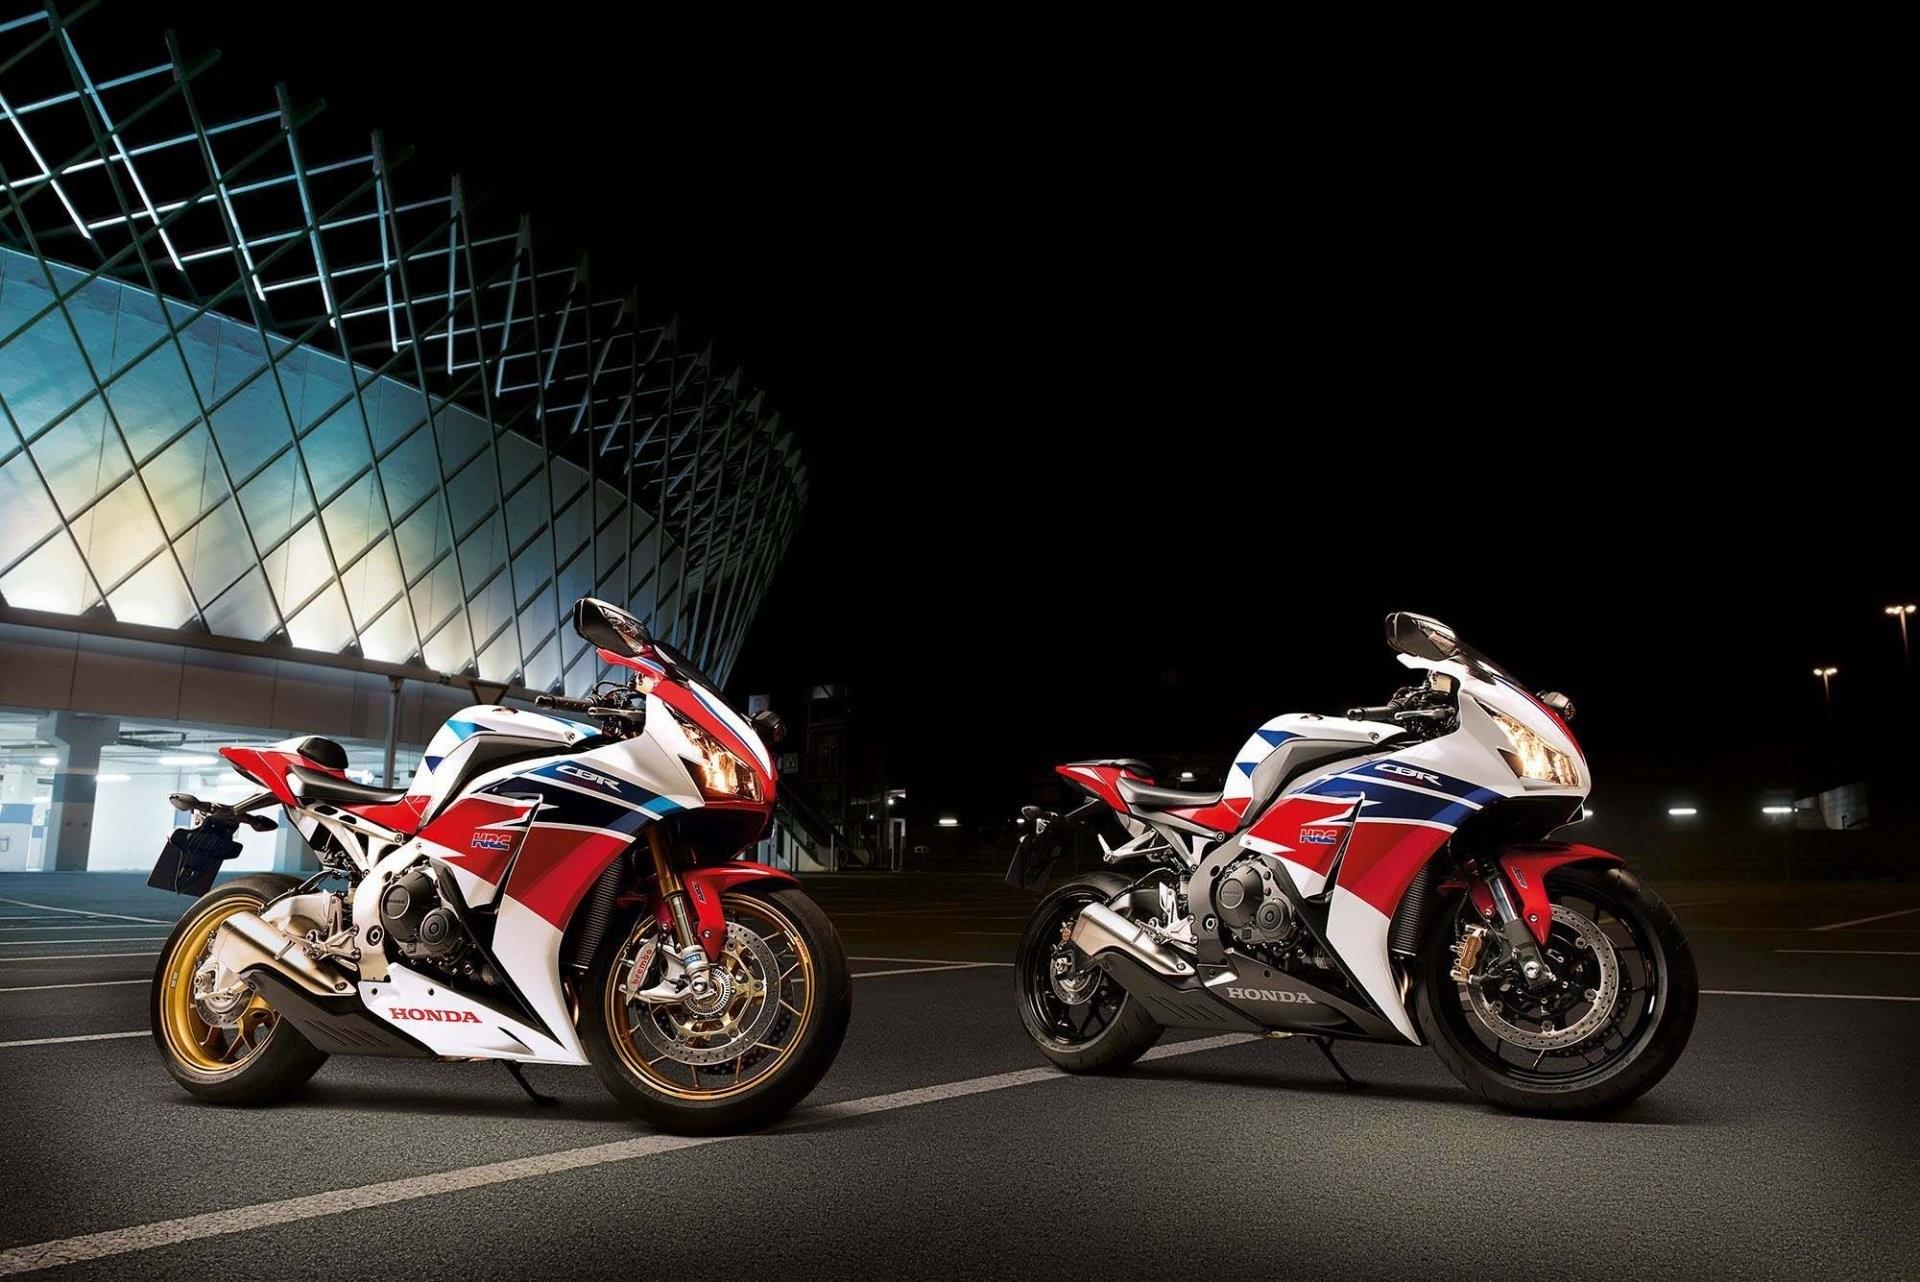 Res: 1920x1282, honda cbr1000rr white bike night